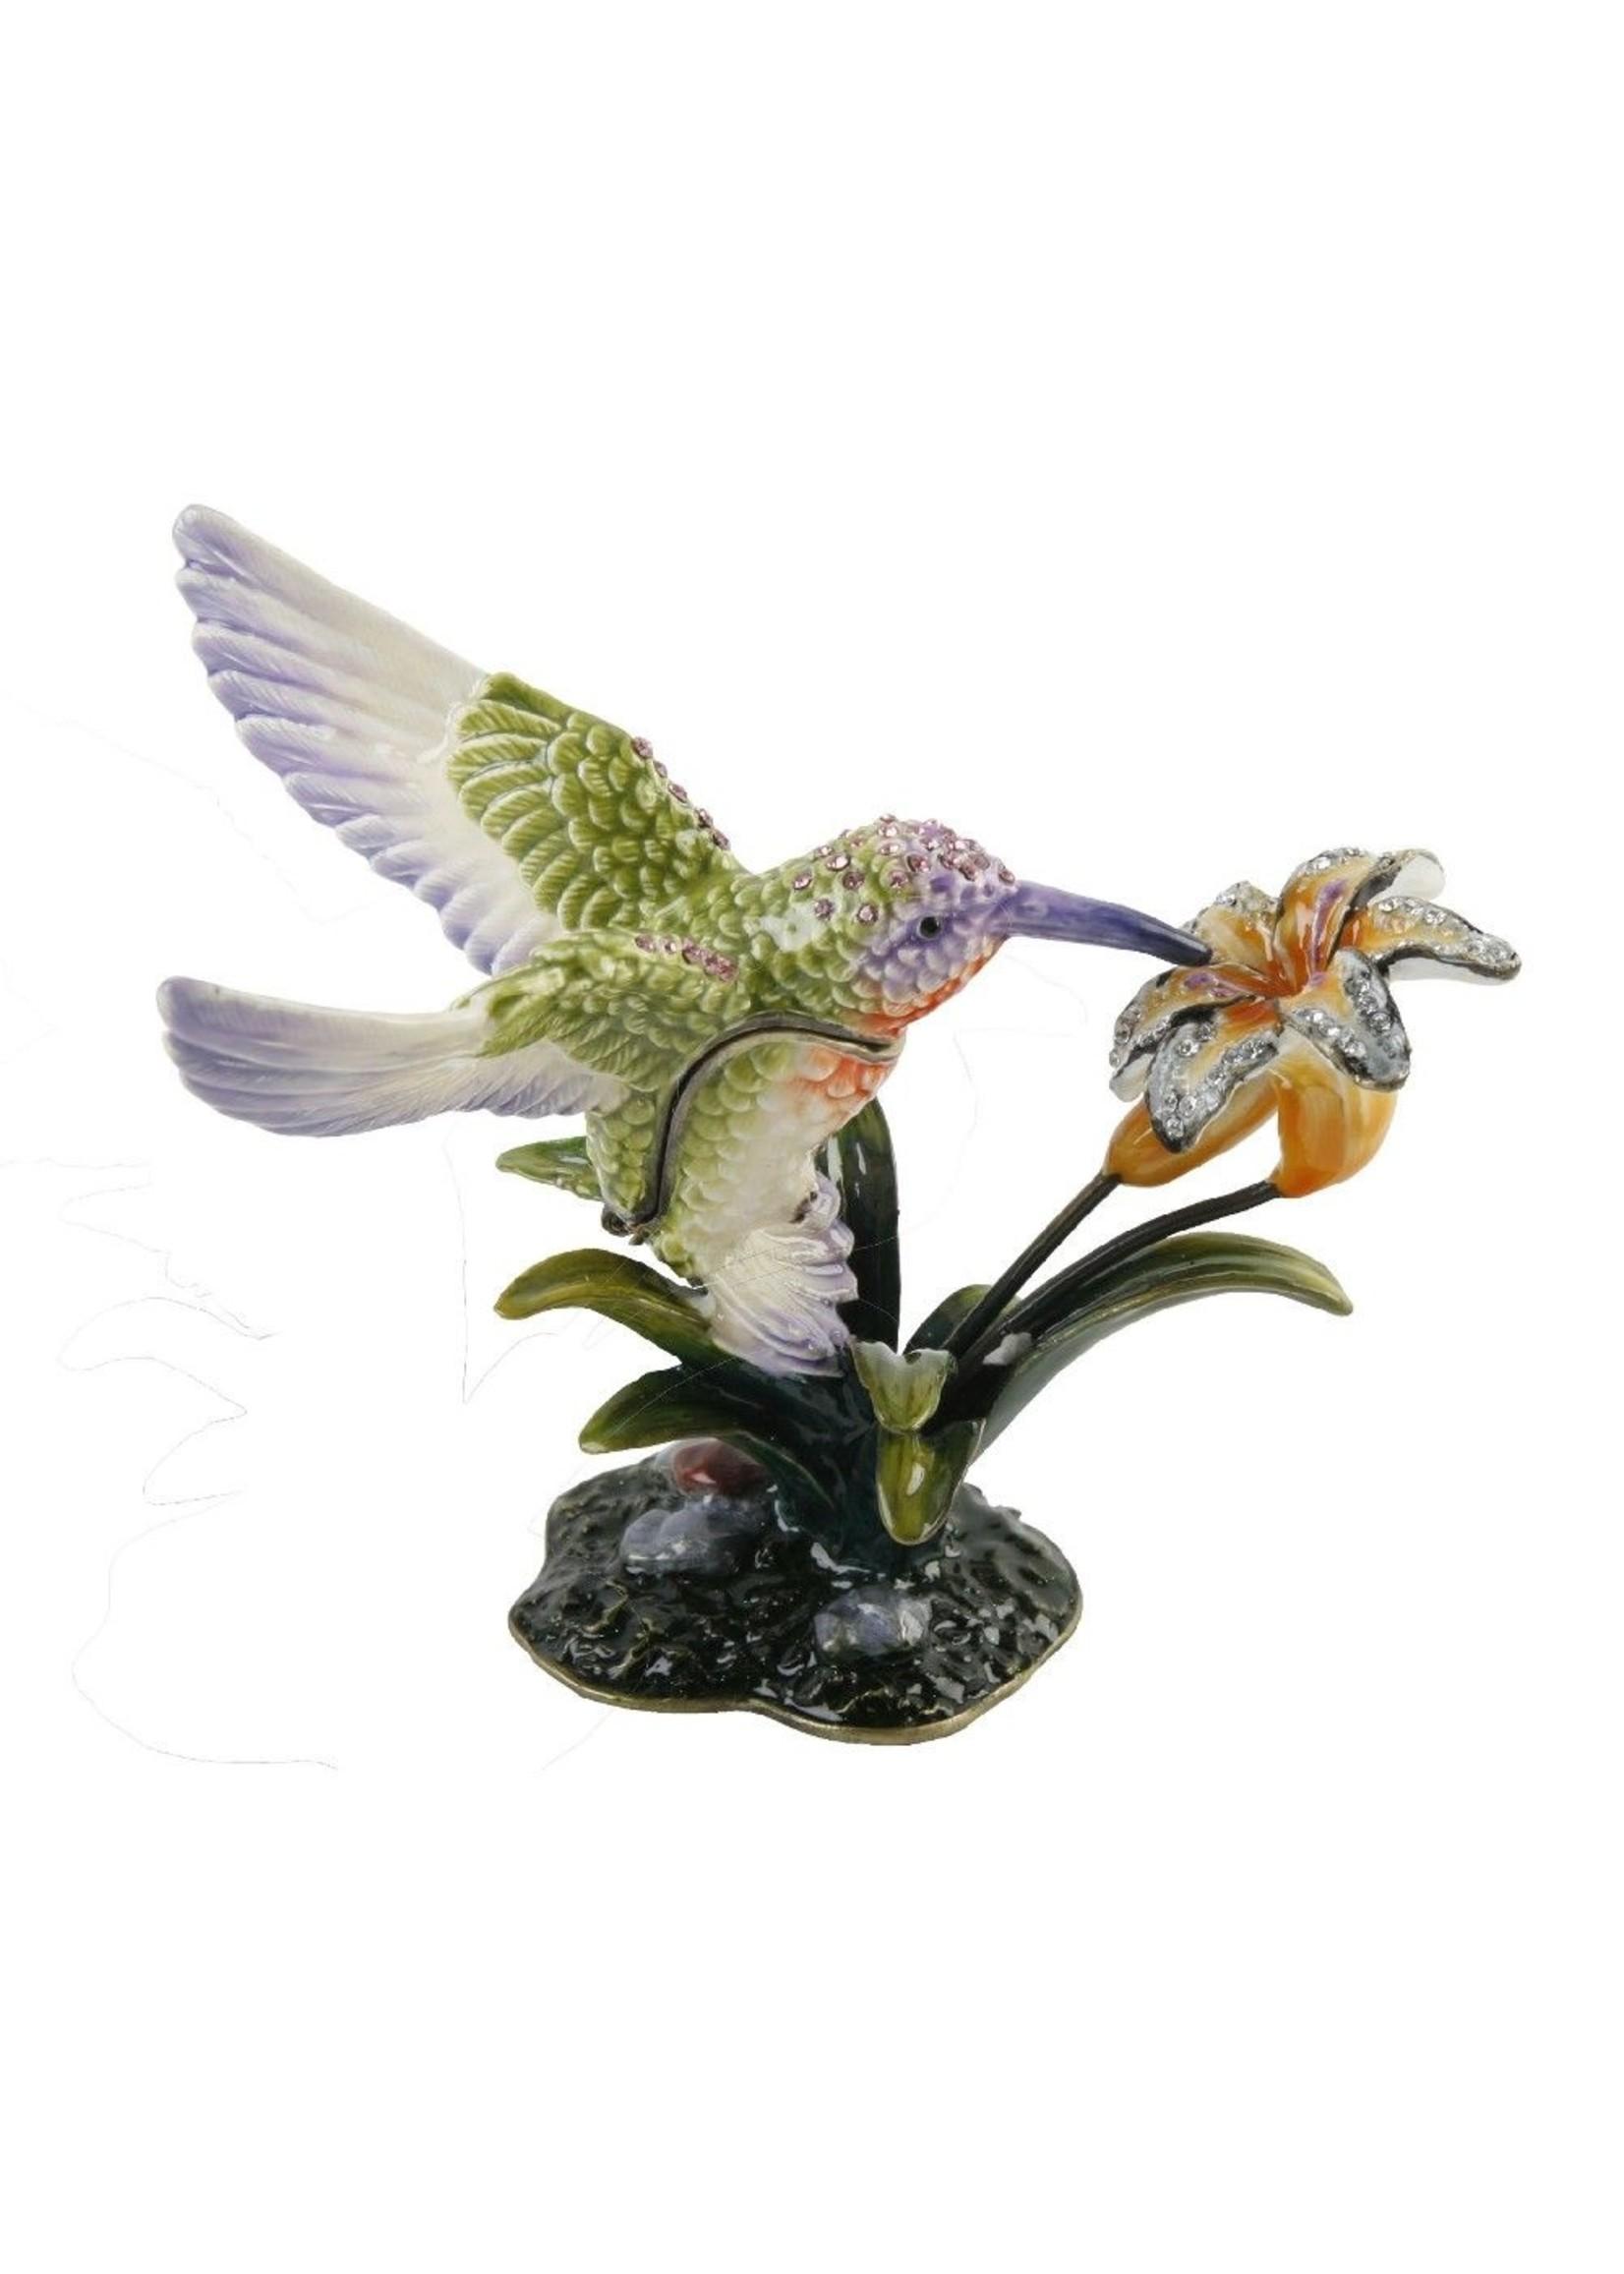 Treasured trinket Hummingbird